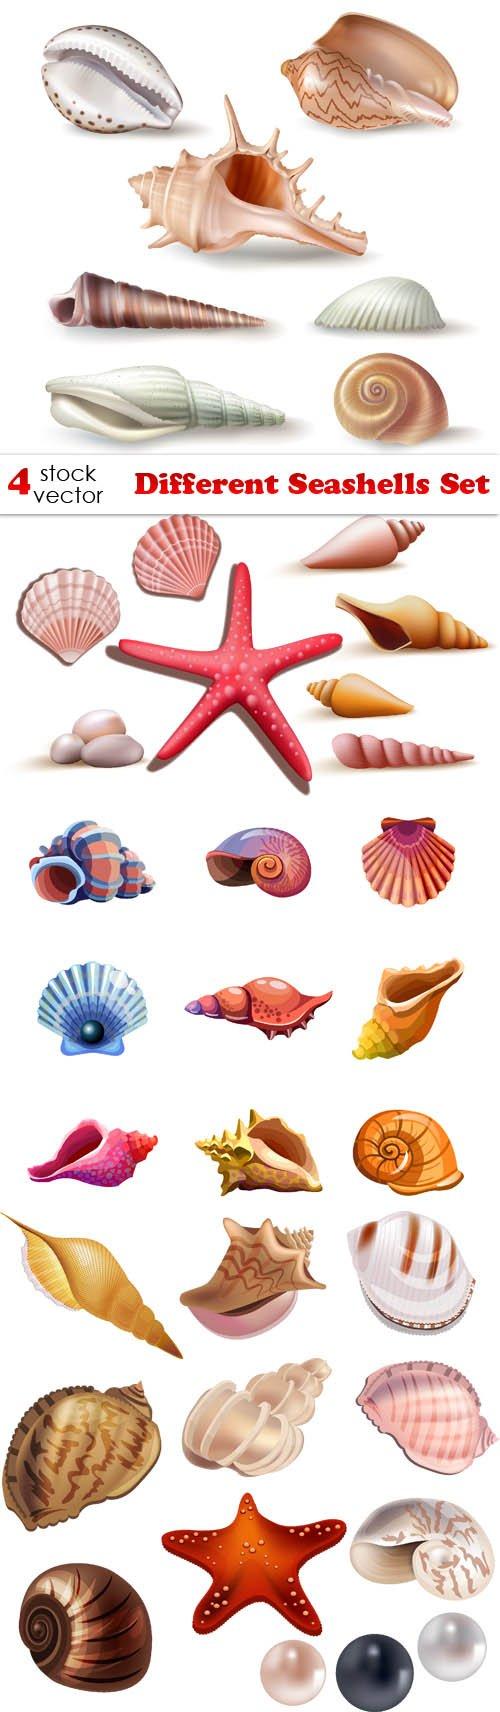 Vectors - Different Seashells Set